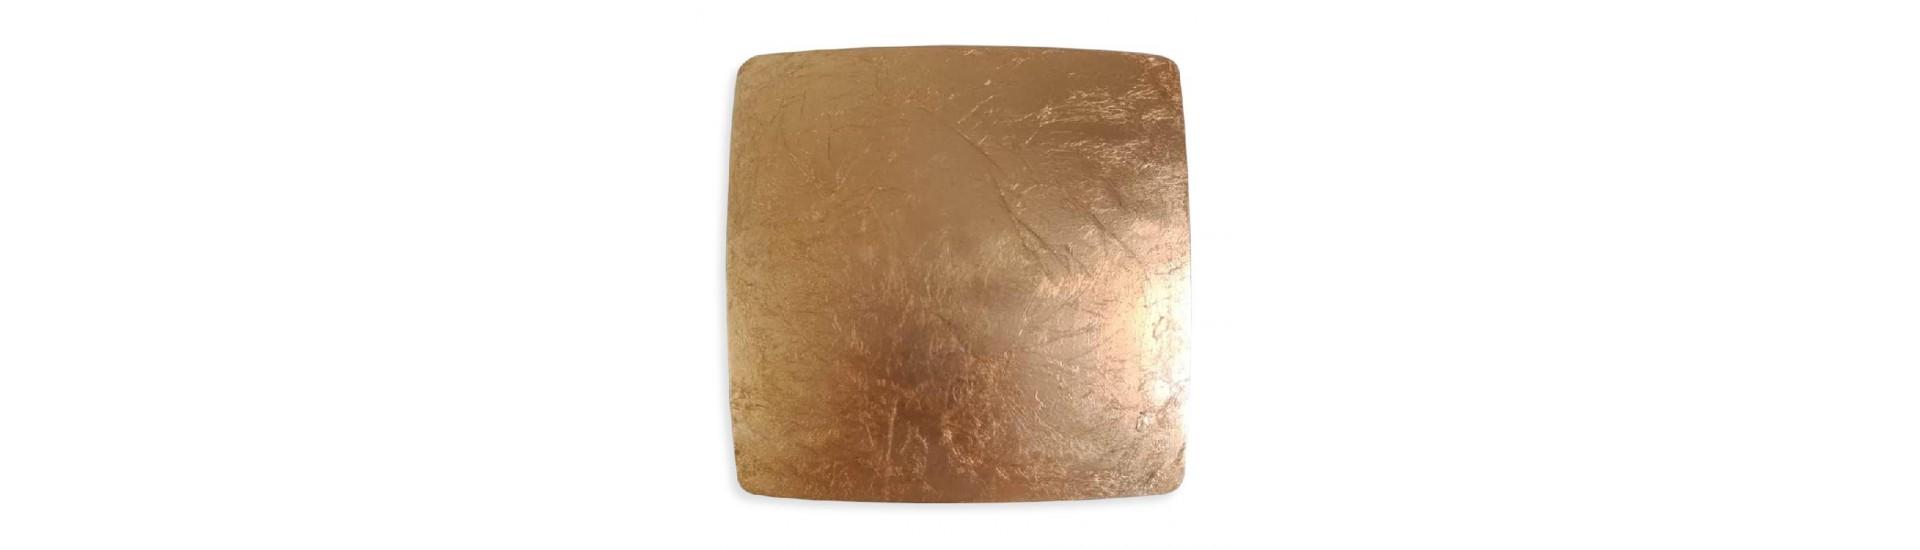 Магнит для штор на тросе Паталь золото 14,5 см Квадрат